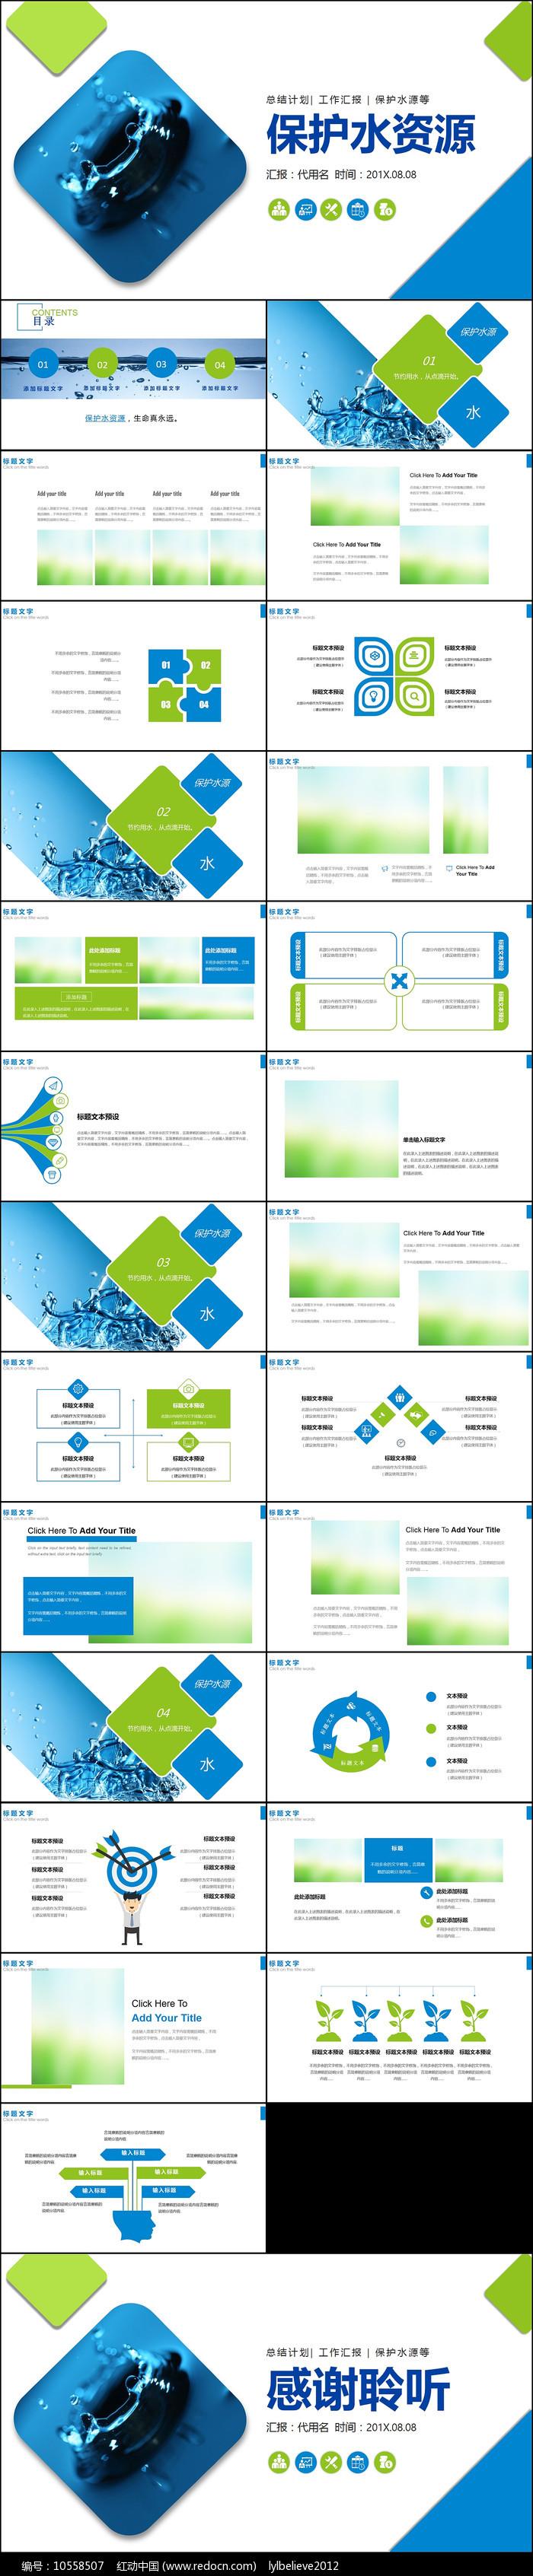 节约用水保护水资源公益环保PPT模板图片